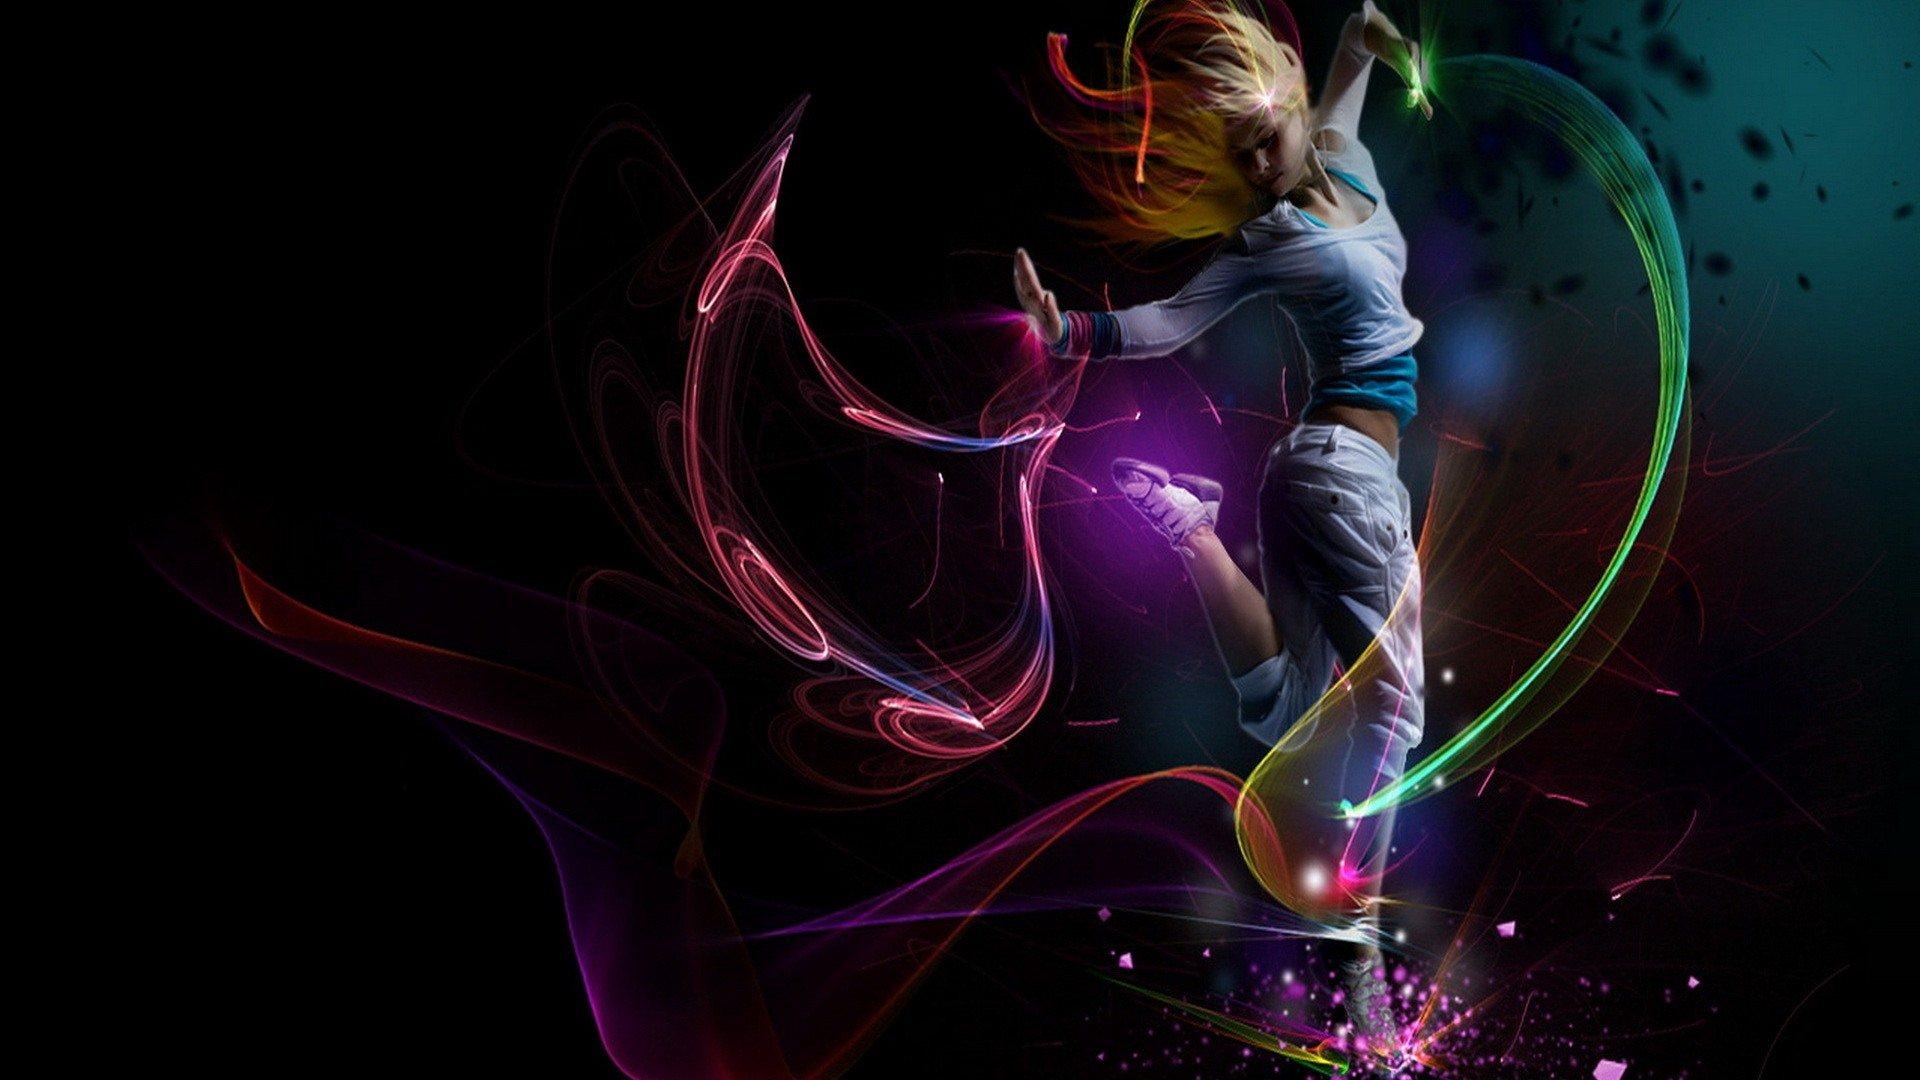 блондинка, девушка, танец